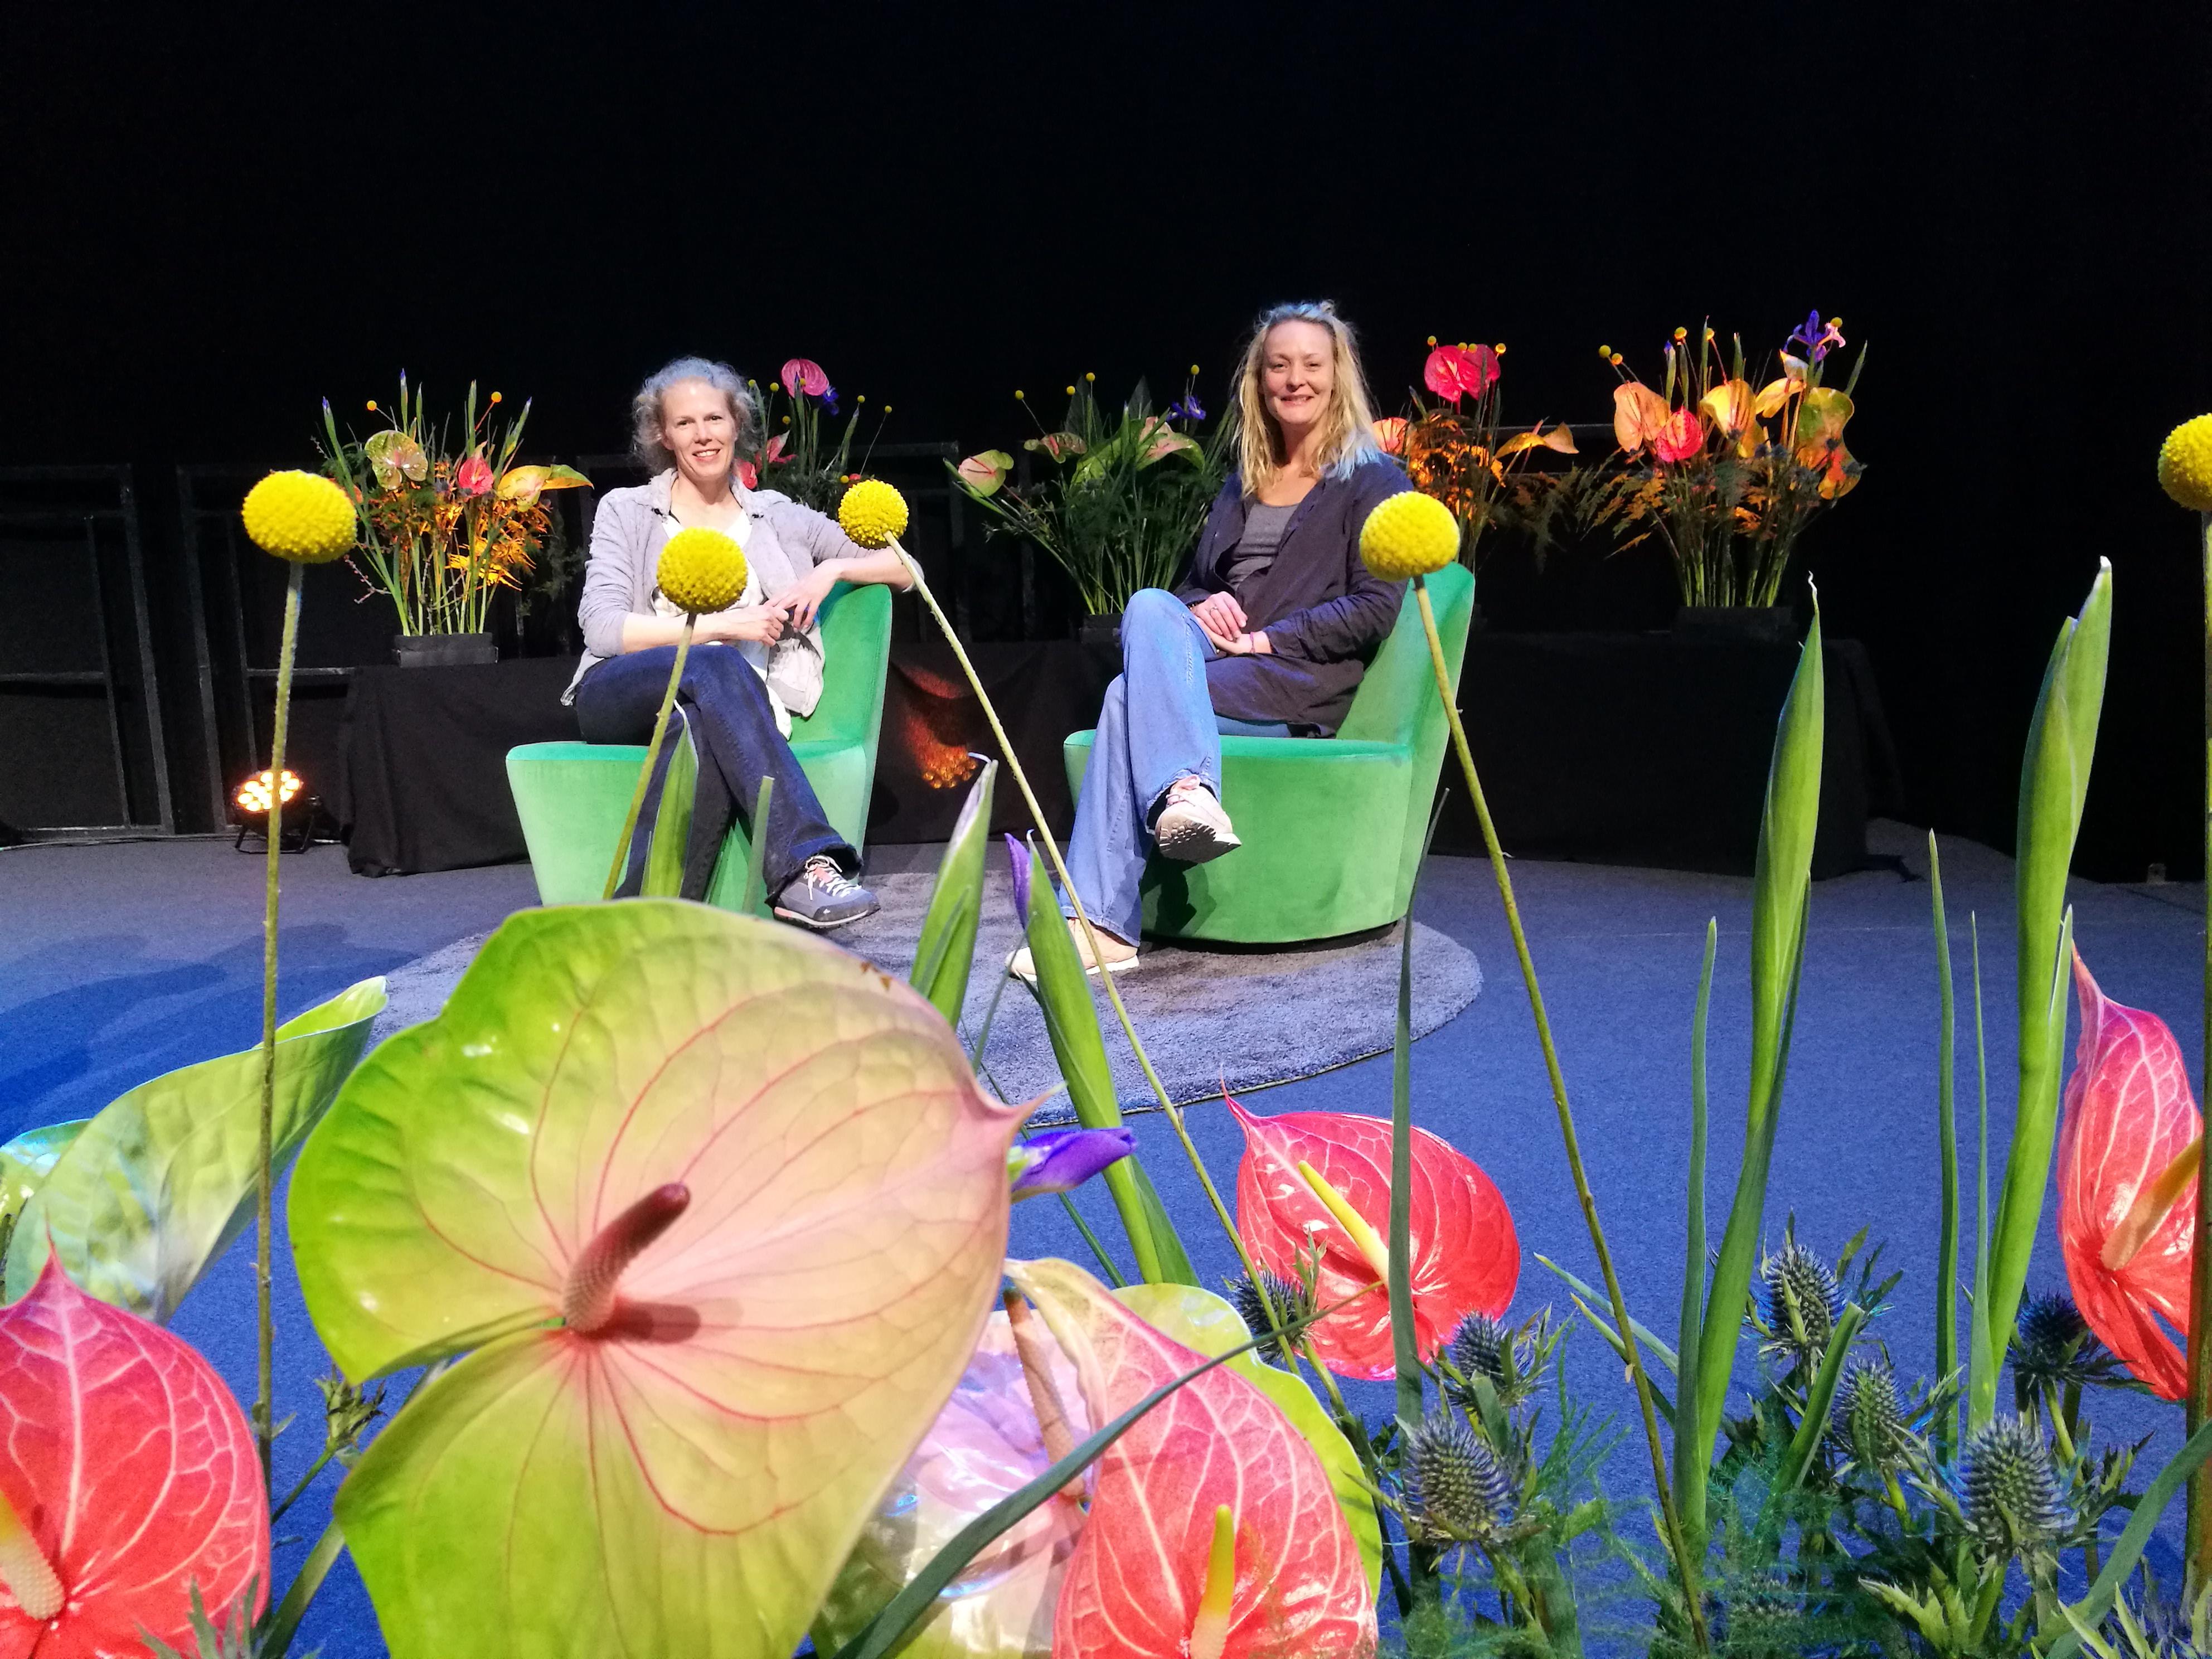 Blomster på scene og event